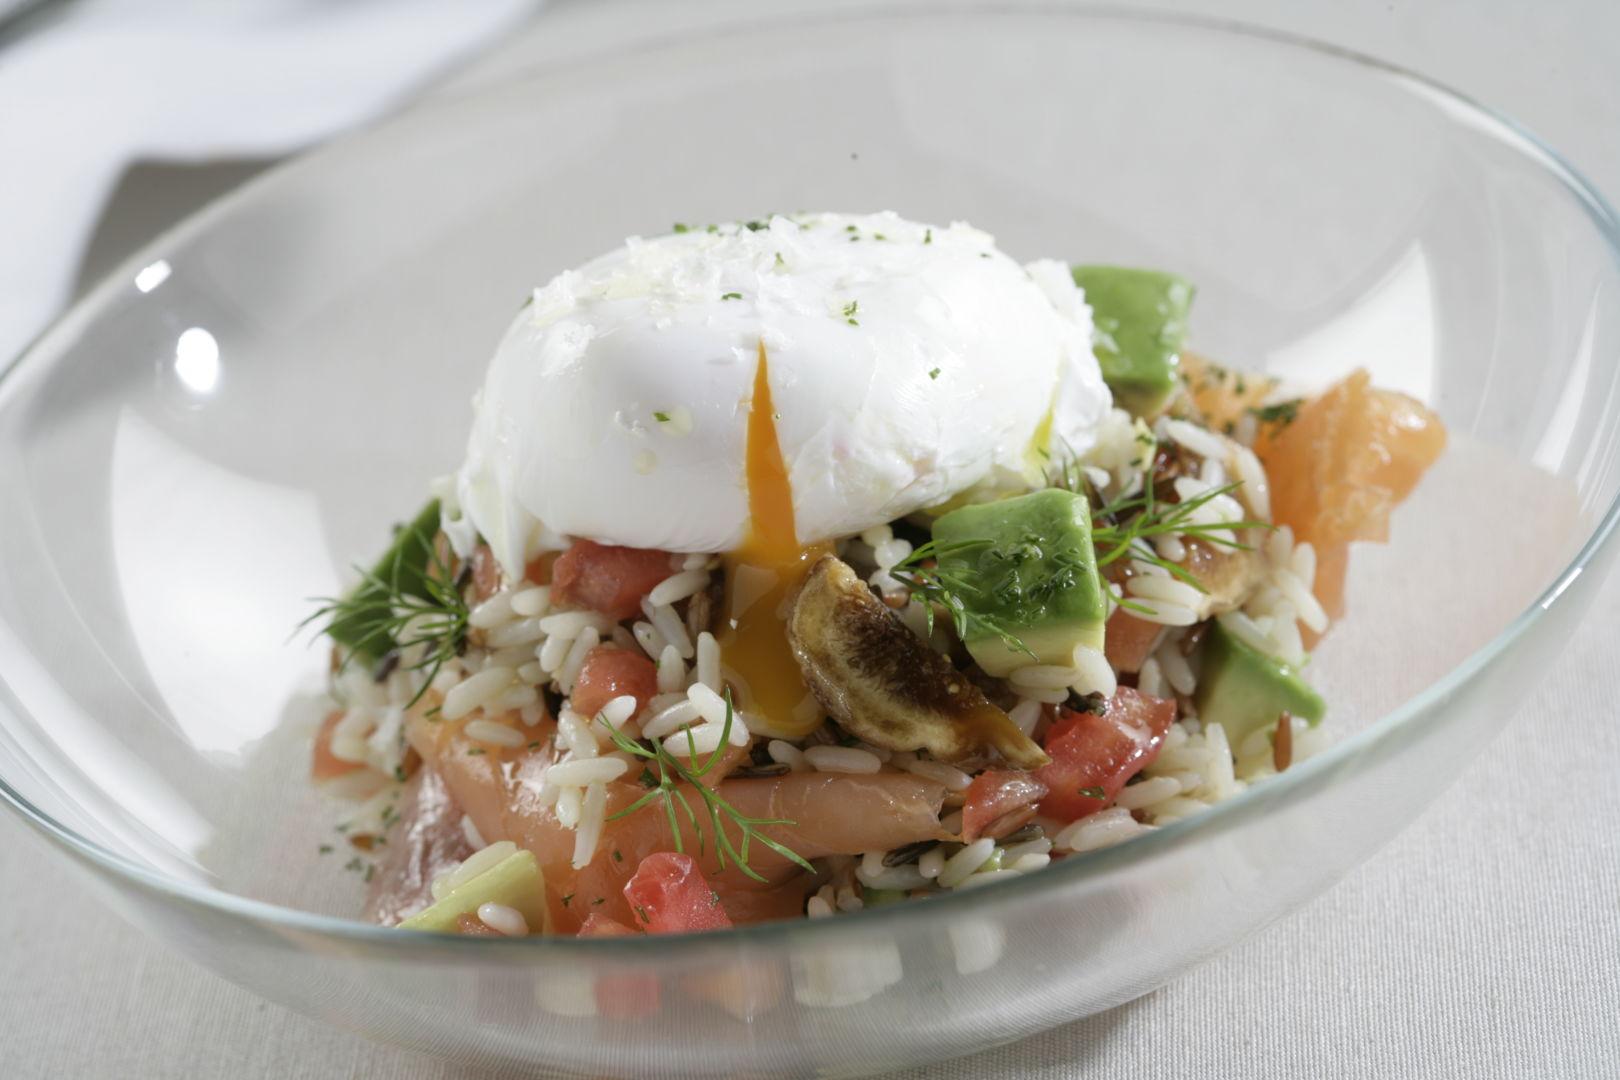 Espectacular ensalada de arroz salmón aguacate sobre un bol transparente